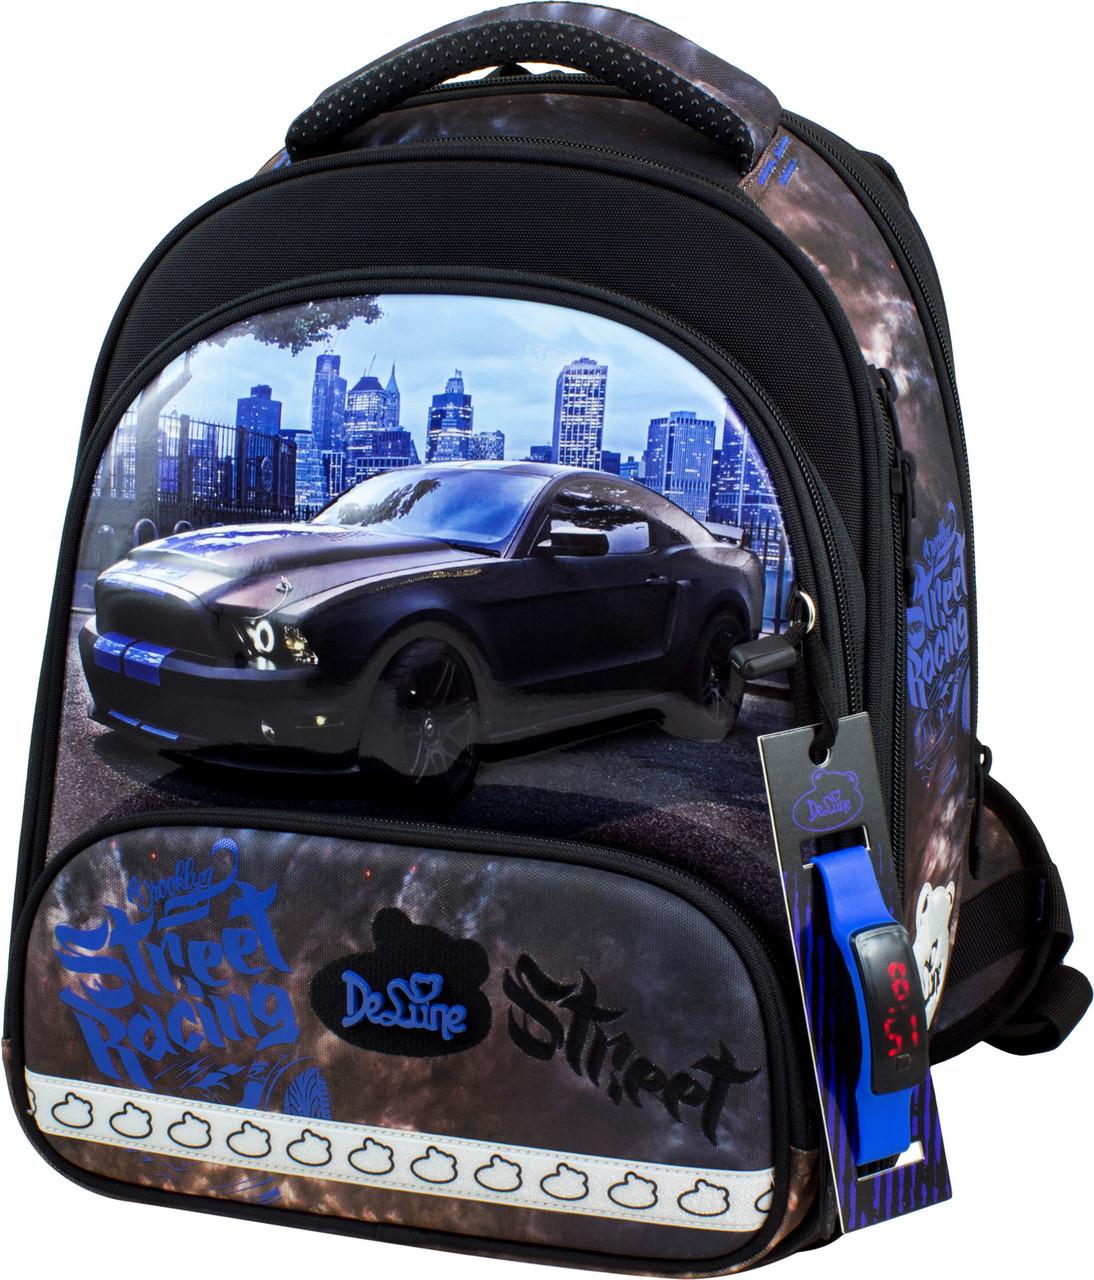 Шкільний рюкзак DeLune (рюкзак+смєнка+пенал+брелок) 9-130